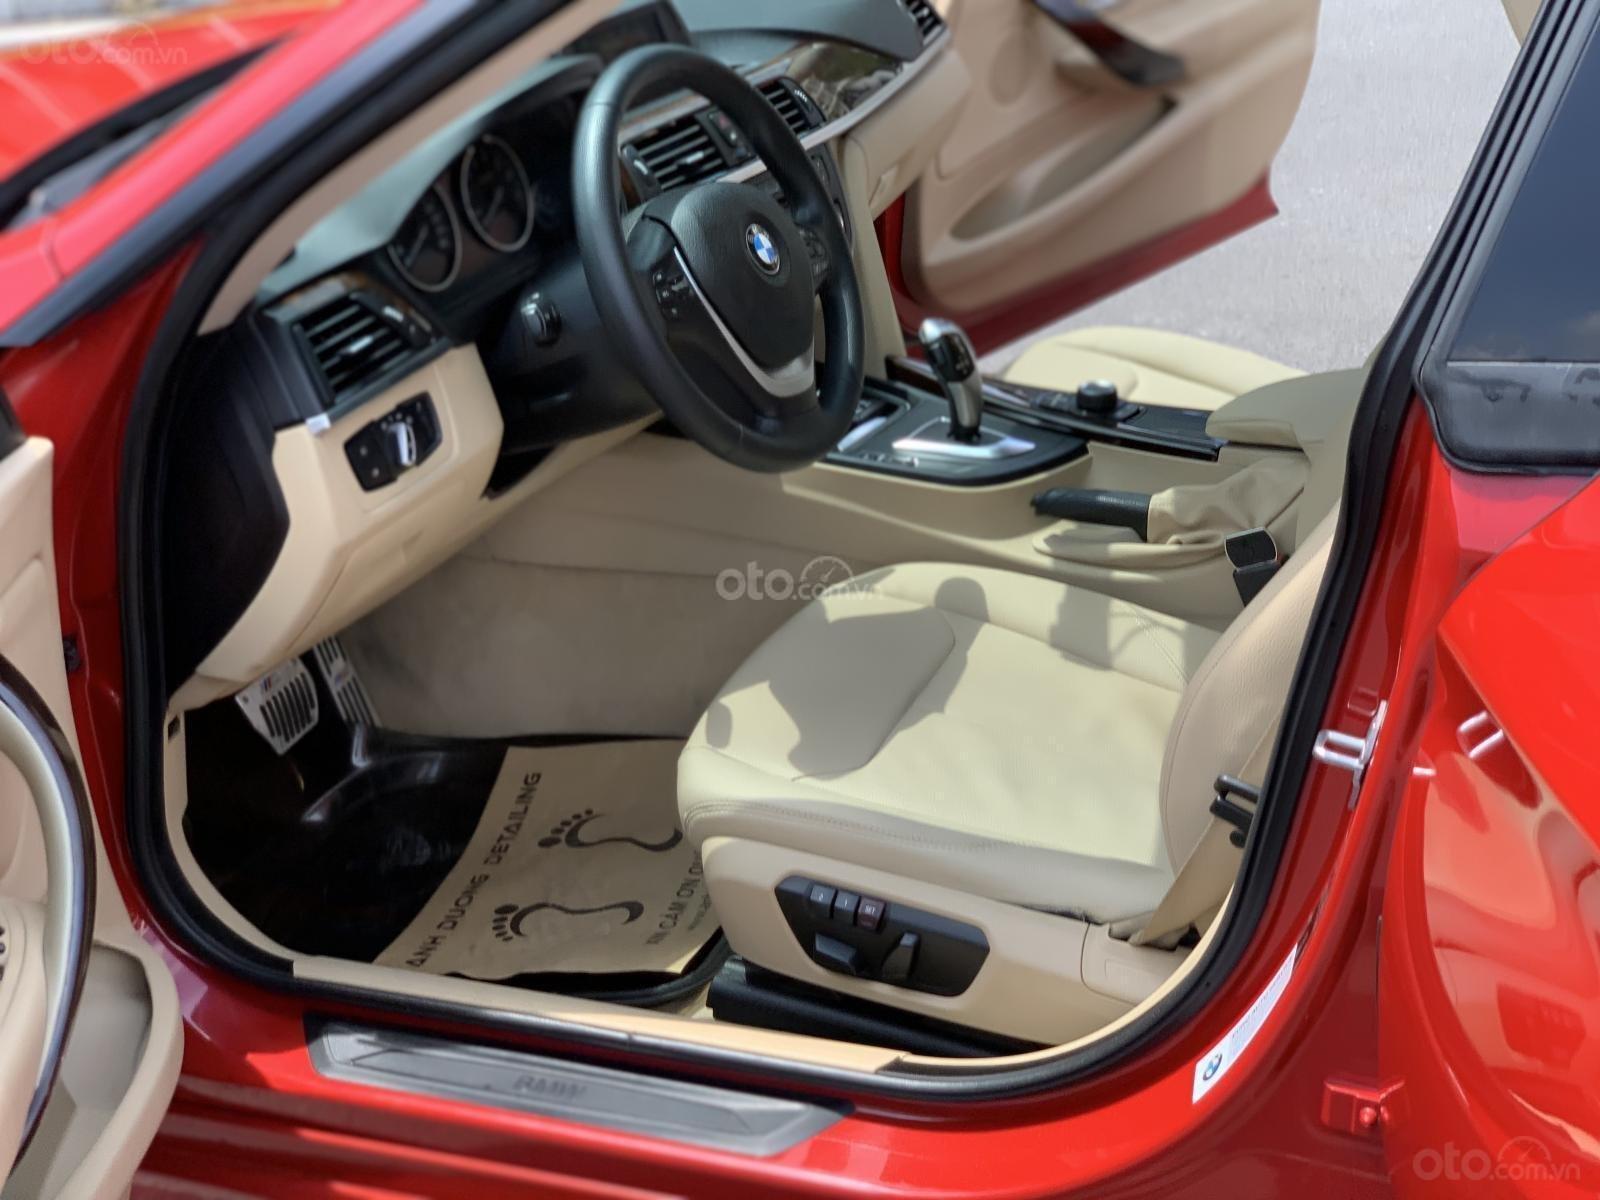 Cần bán BMW 3 Series 328i GT năm sản xuất 2015, màu đỏ/kem nhập khẩu nguyên chiếc (13)